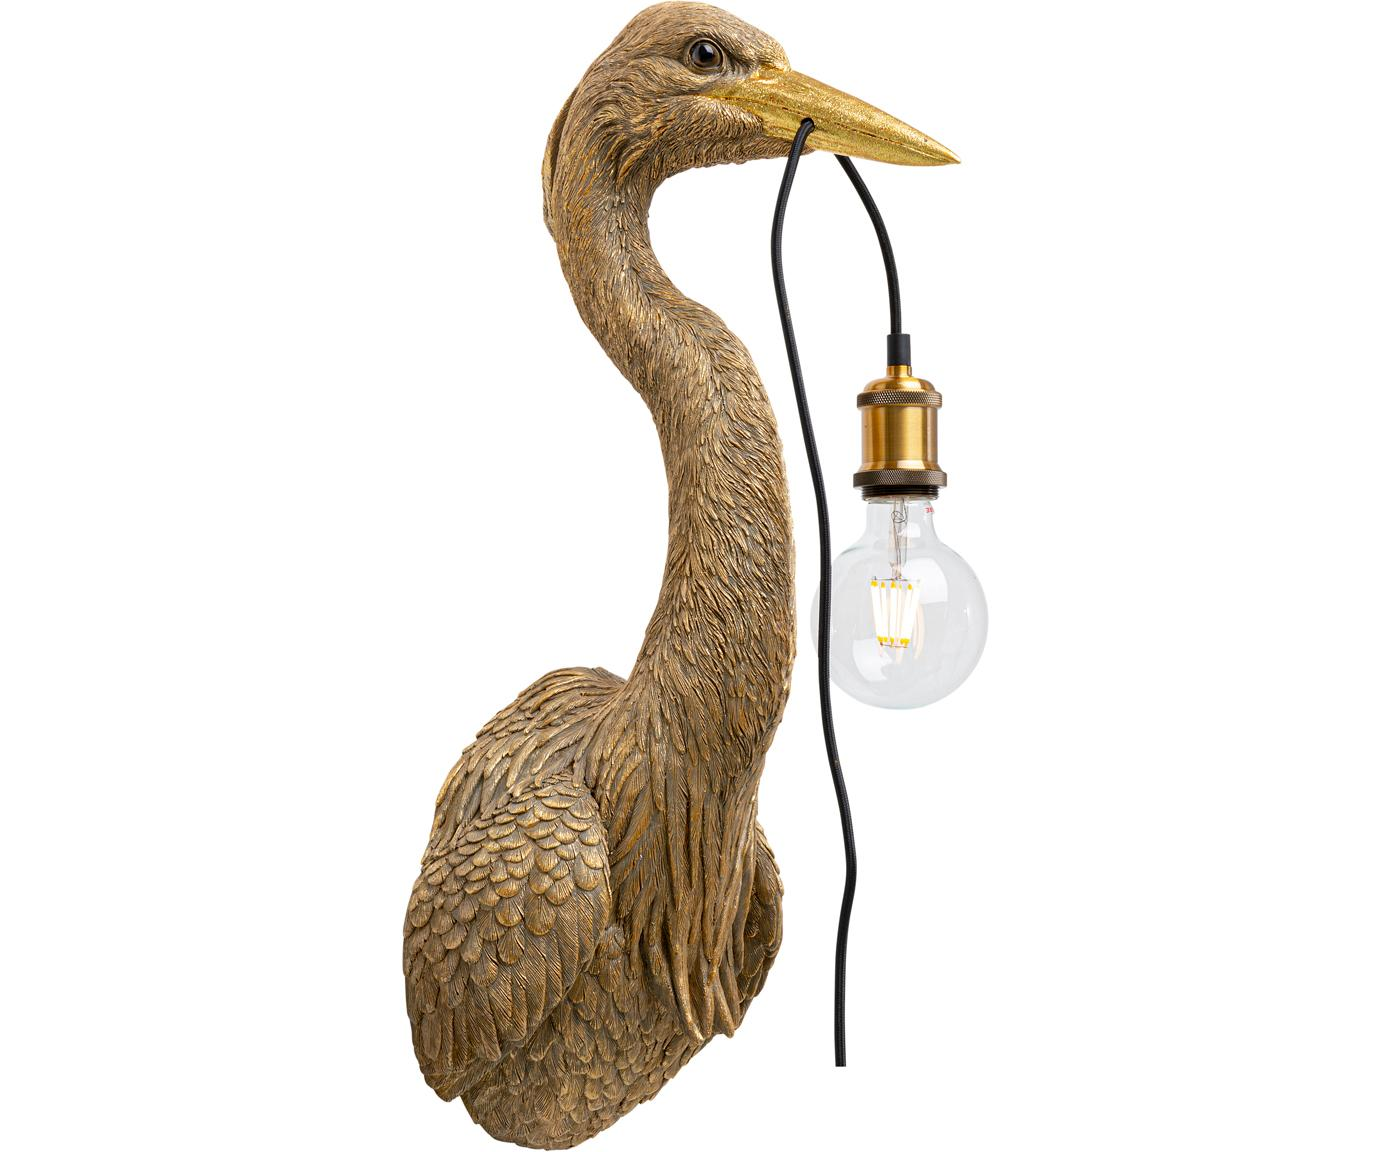 Handgemaakte wandlamp Heron, Polyresin, Bruin, 26 x 62 cm